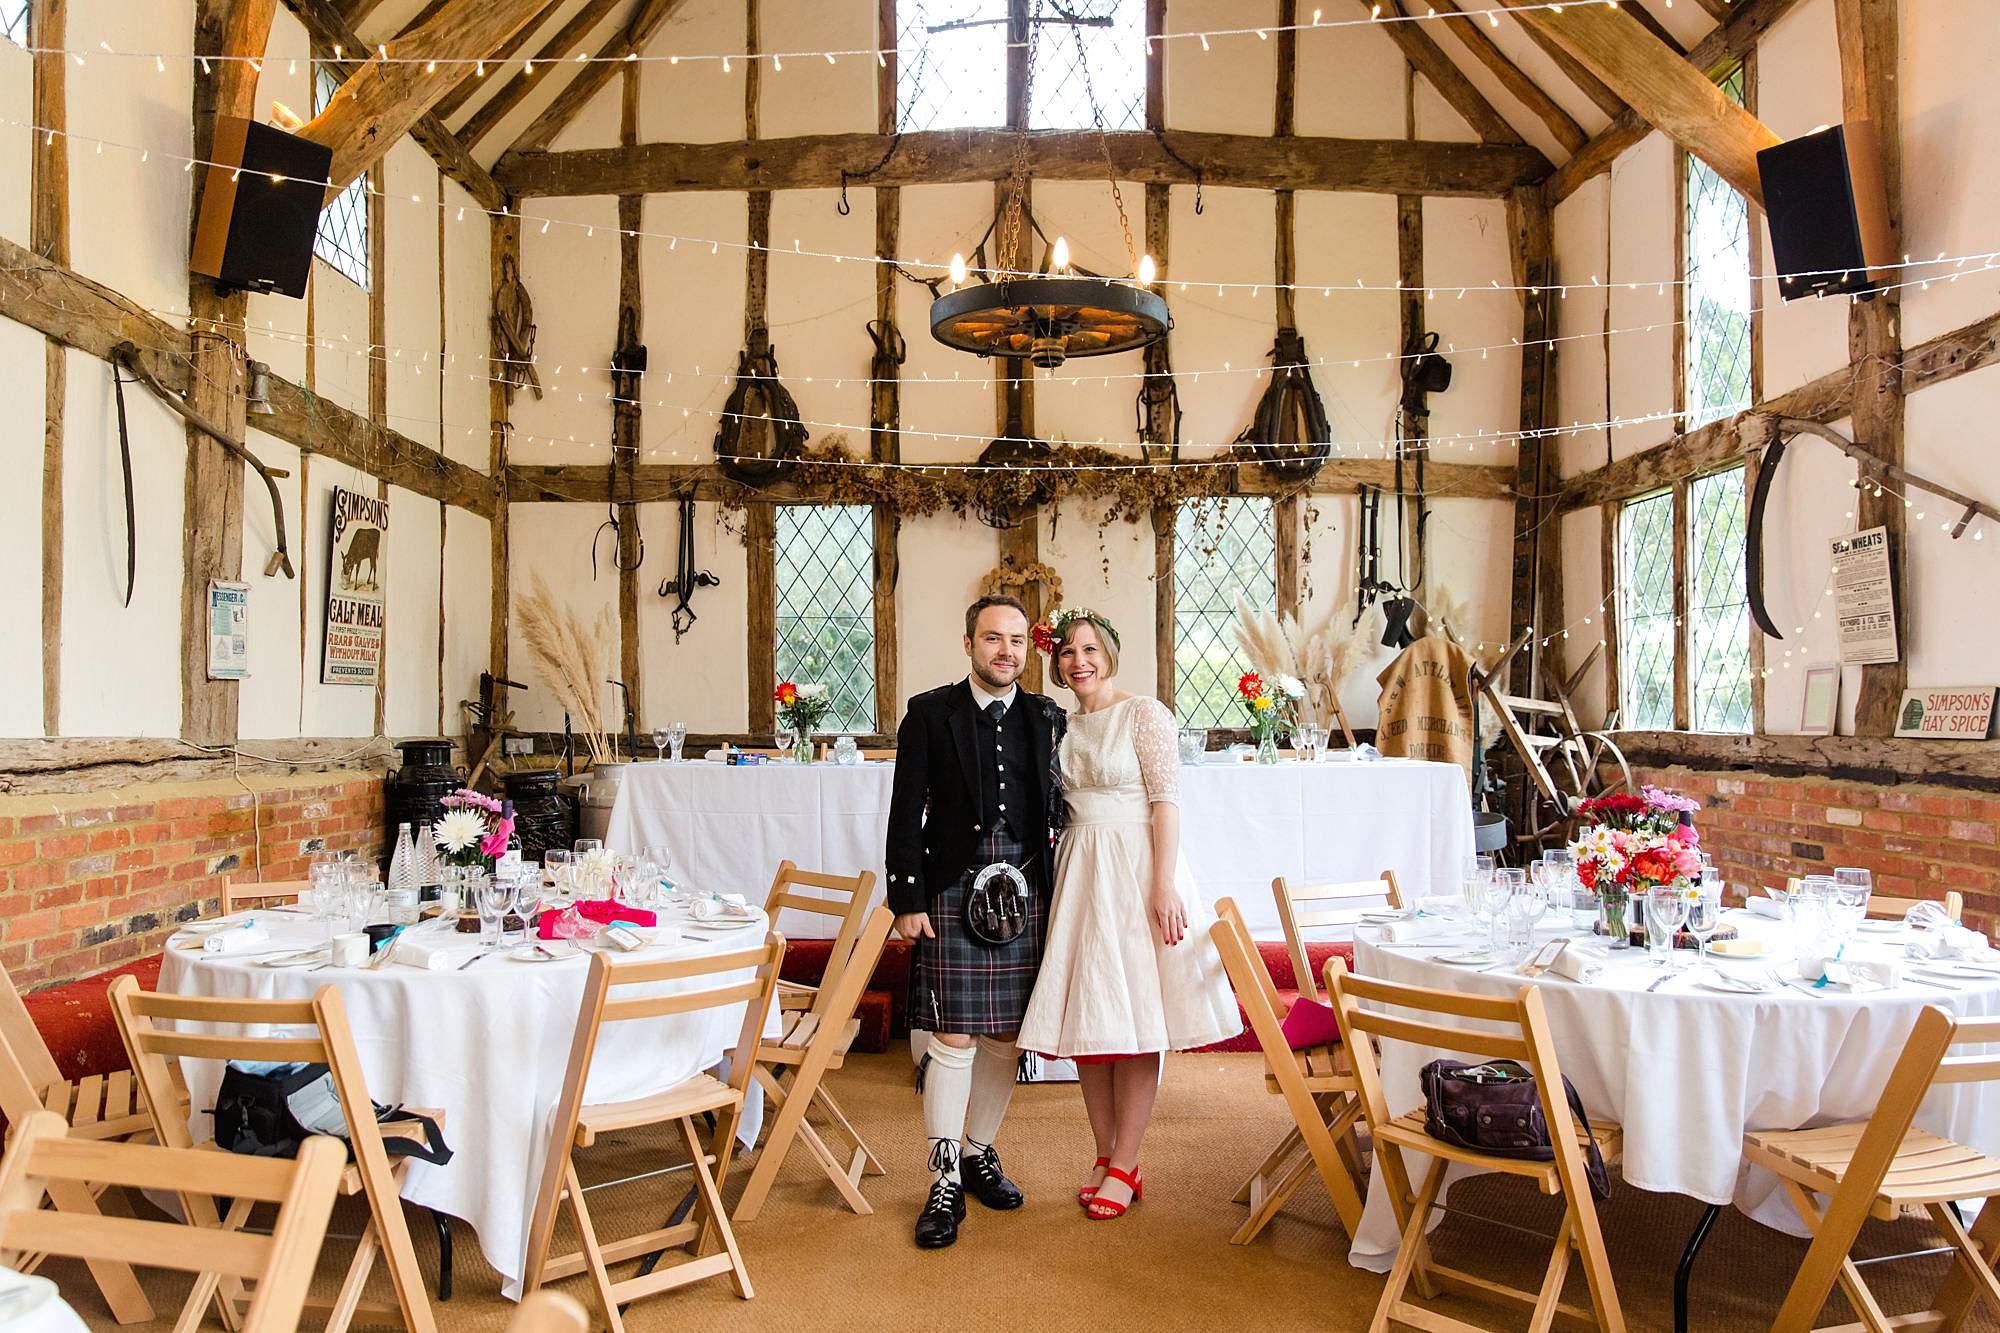 Fun DIY wedding bride and groom inside norwood farm barn